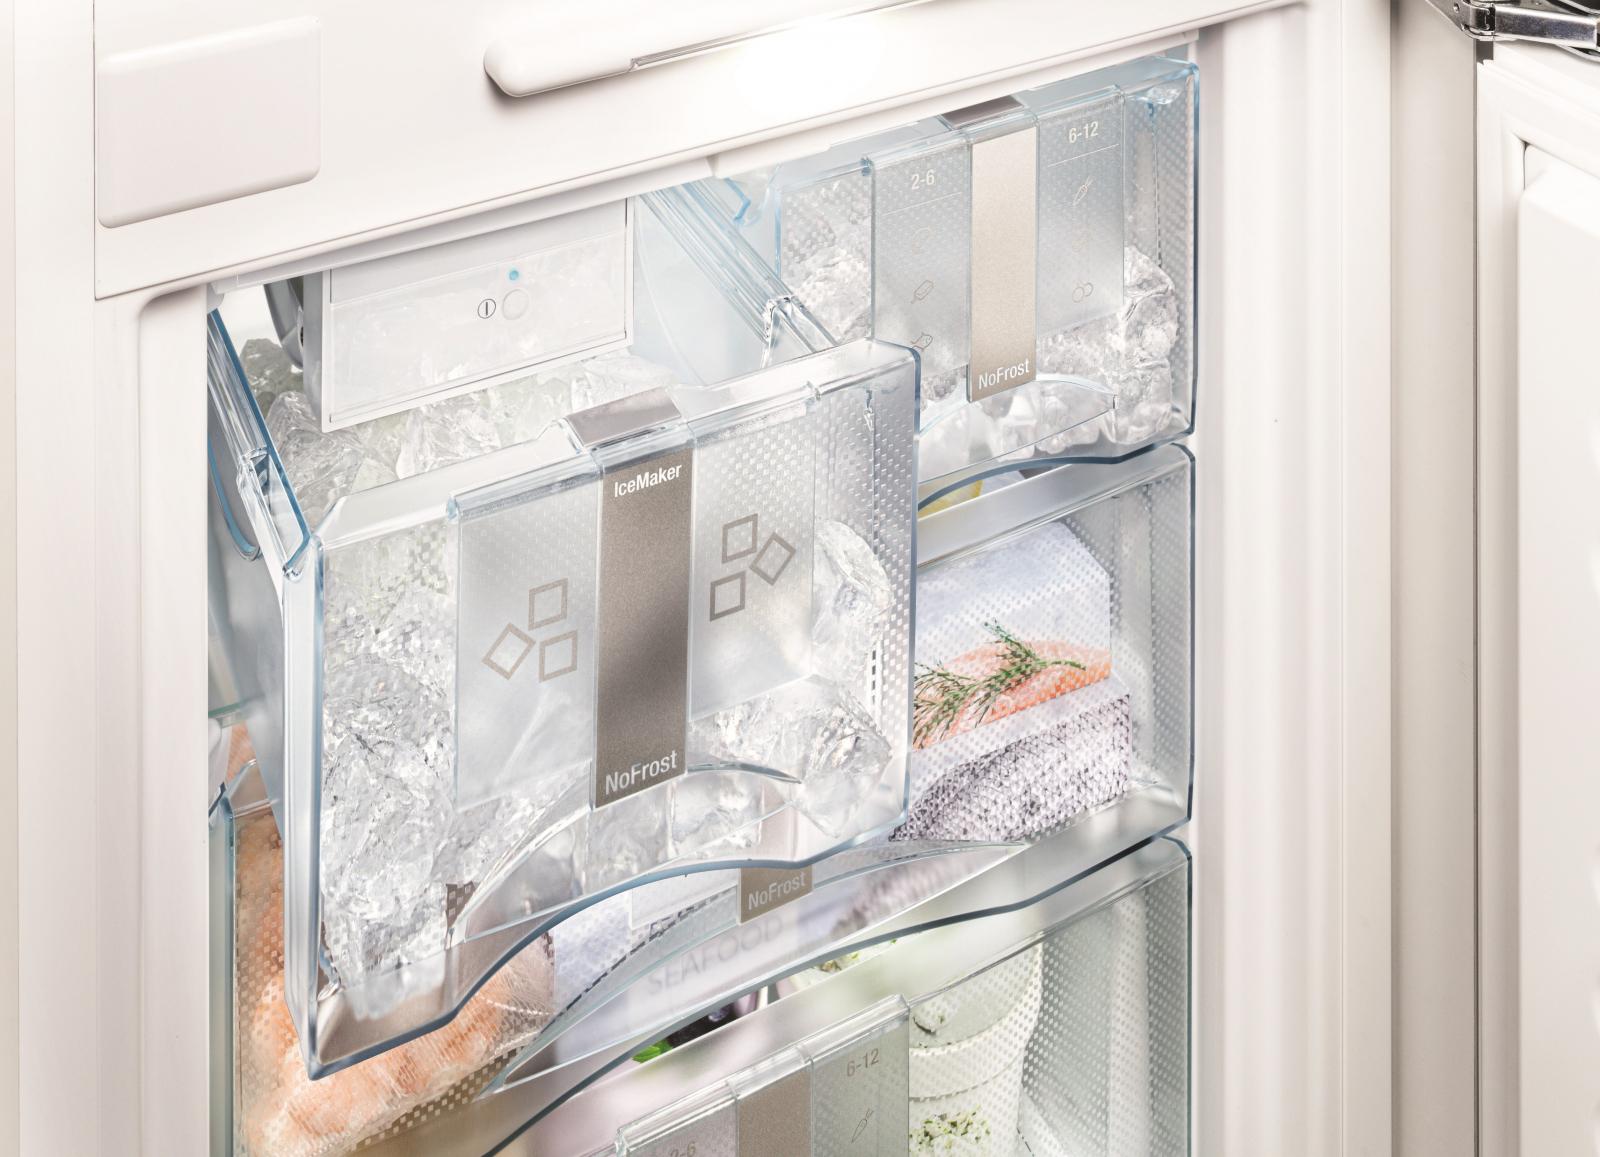 купить Встраиваемый холодильник Side-by-side Liebherr SBS 66I3 21 Украина фото 8